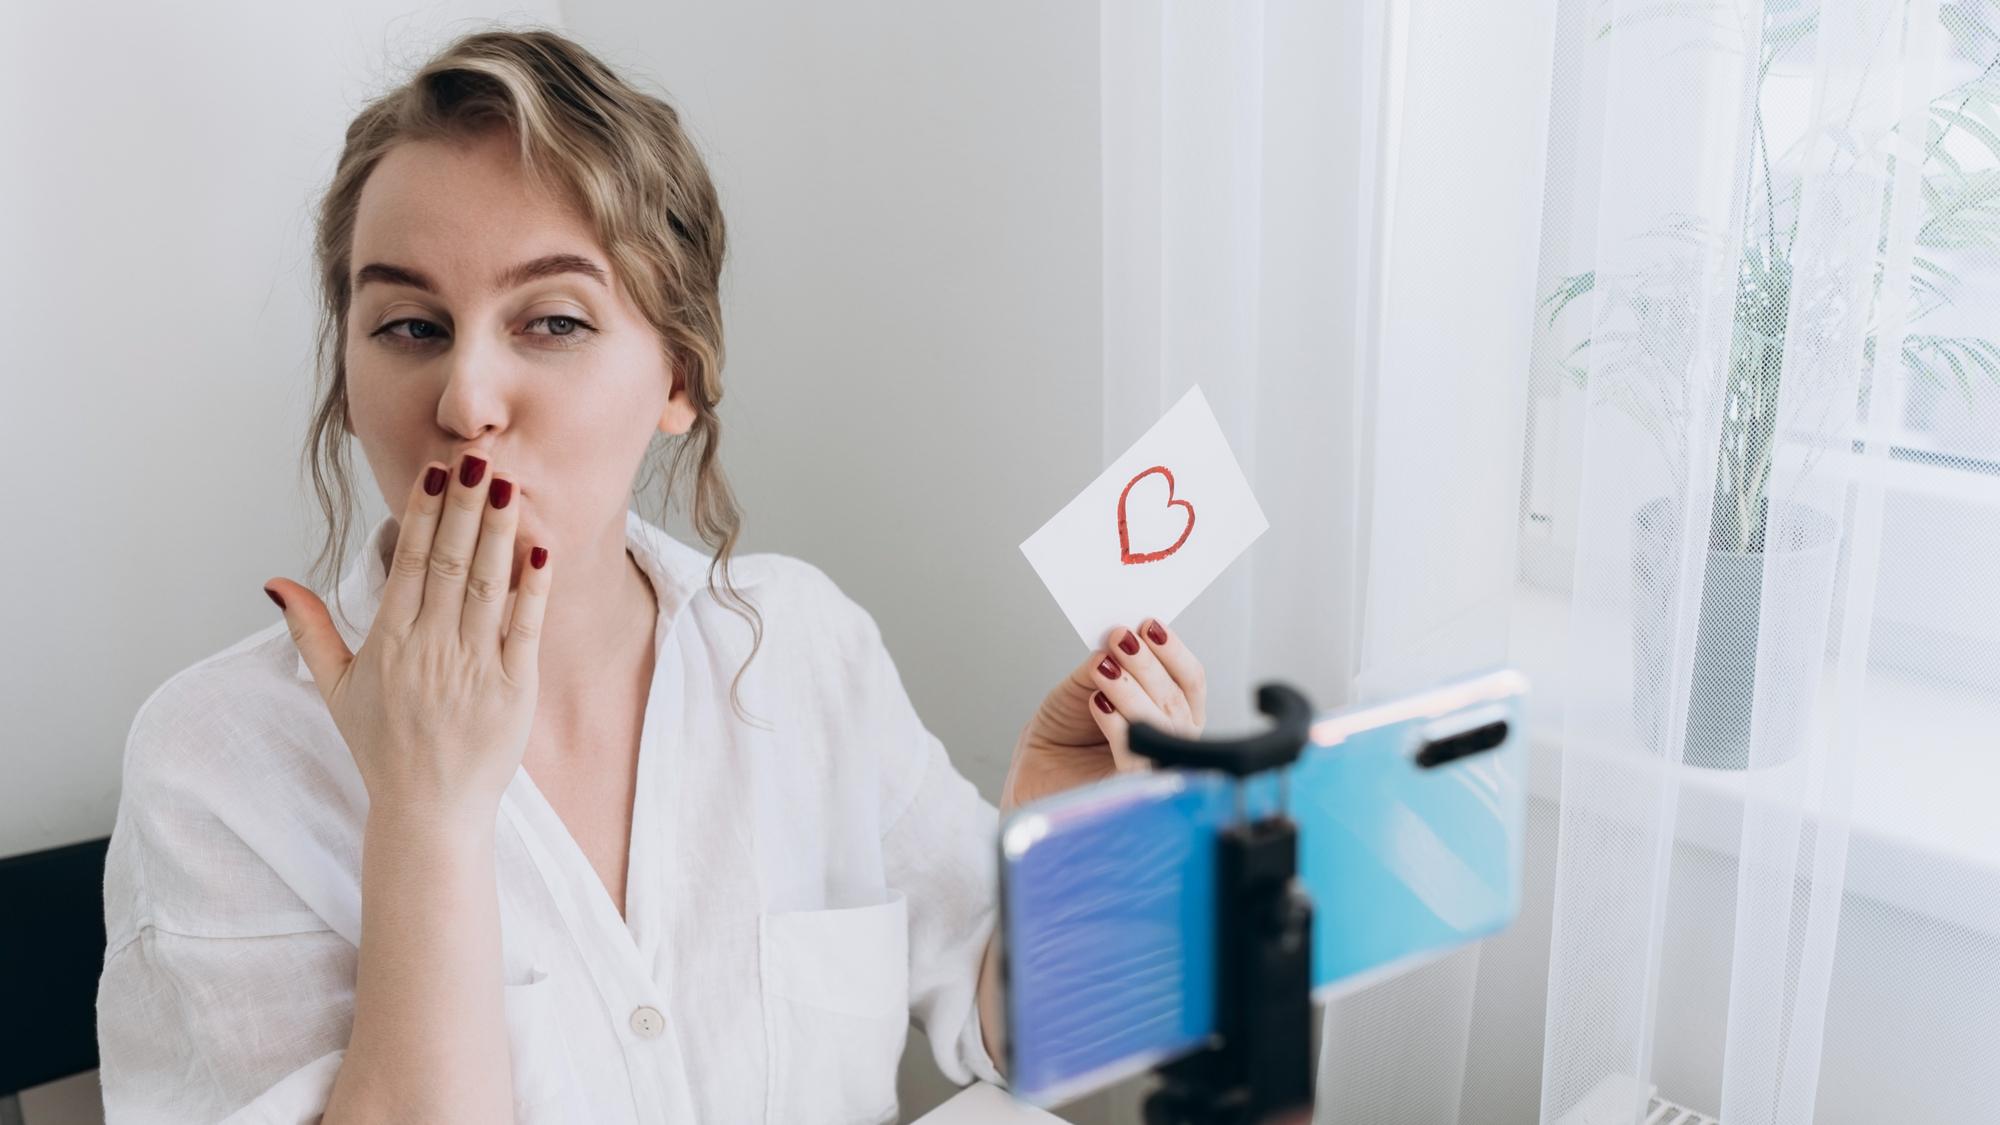 Frau mach virtuelle Liebeserklärung